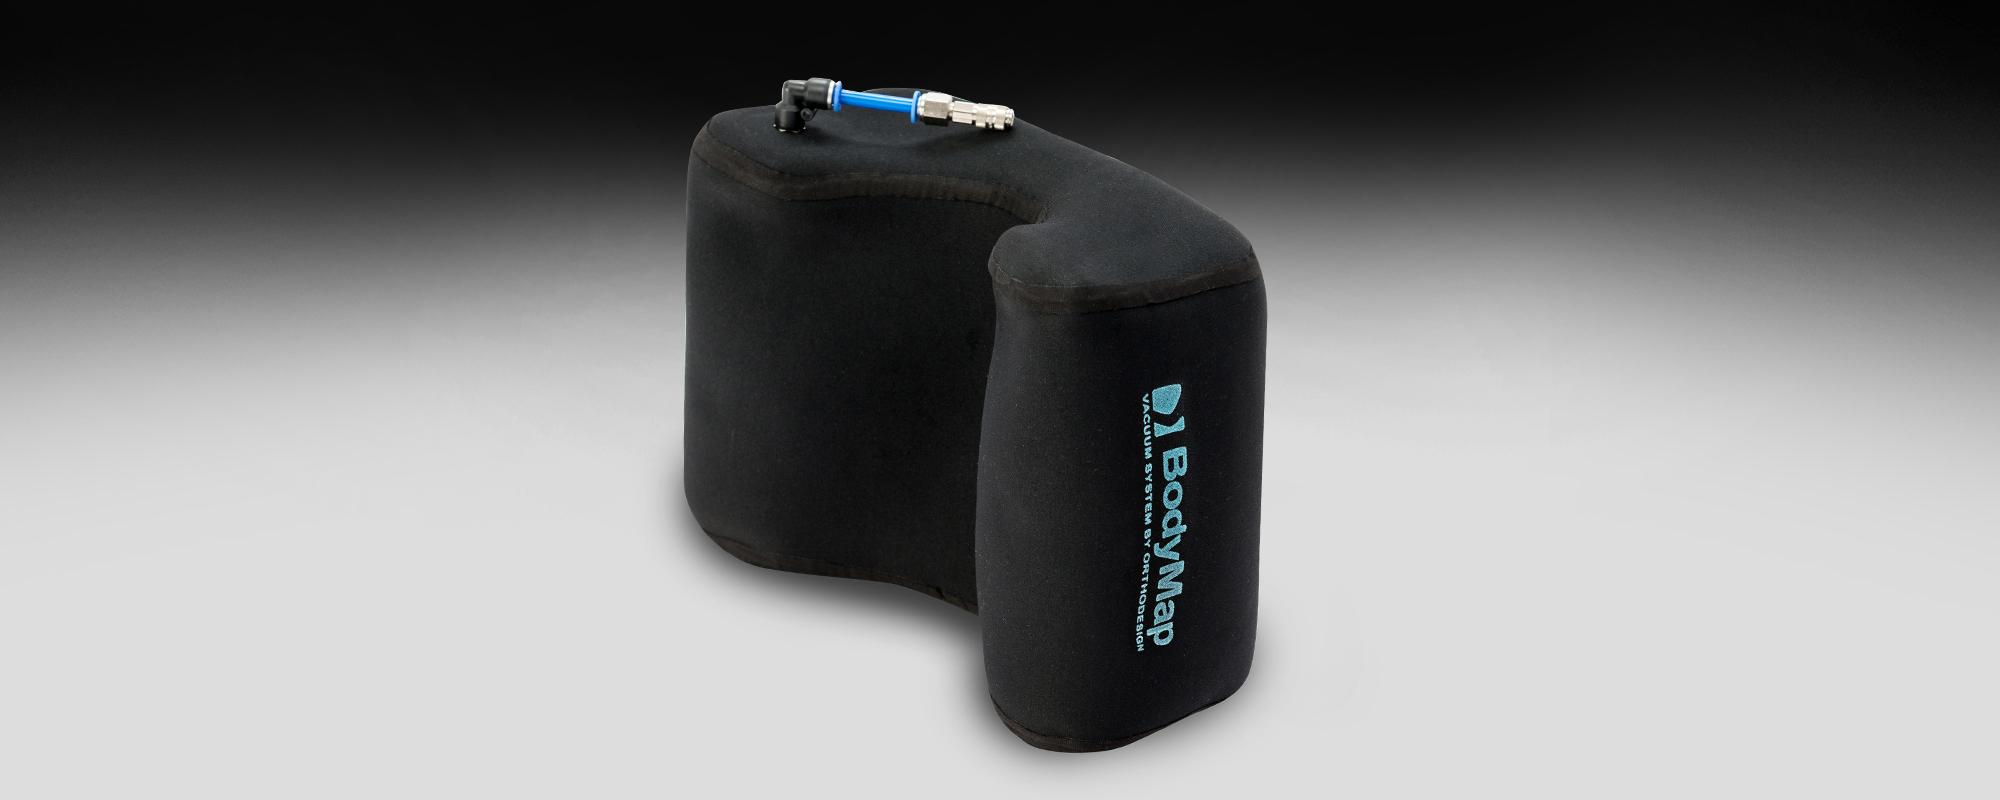 Zagłówek podciśnieniowy BodyMap D